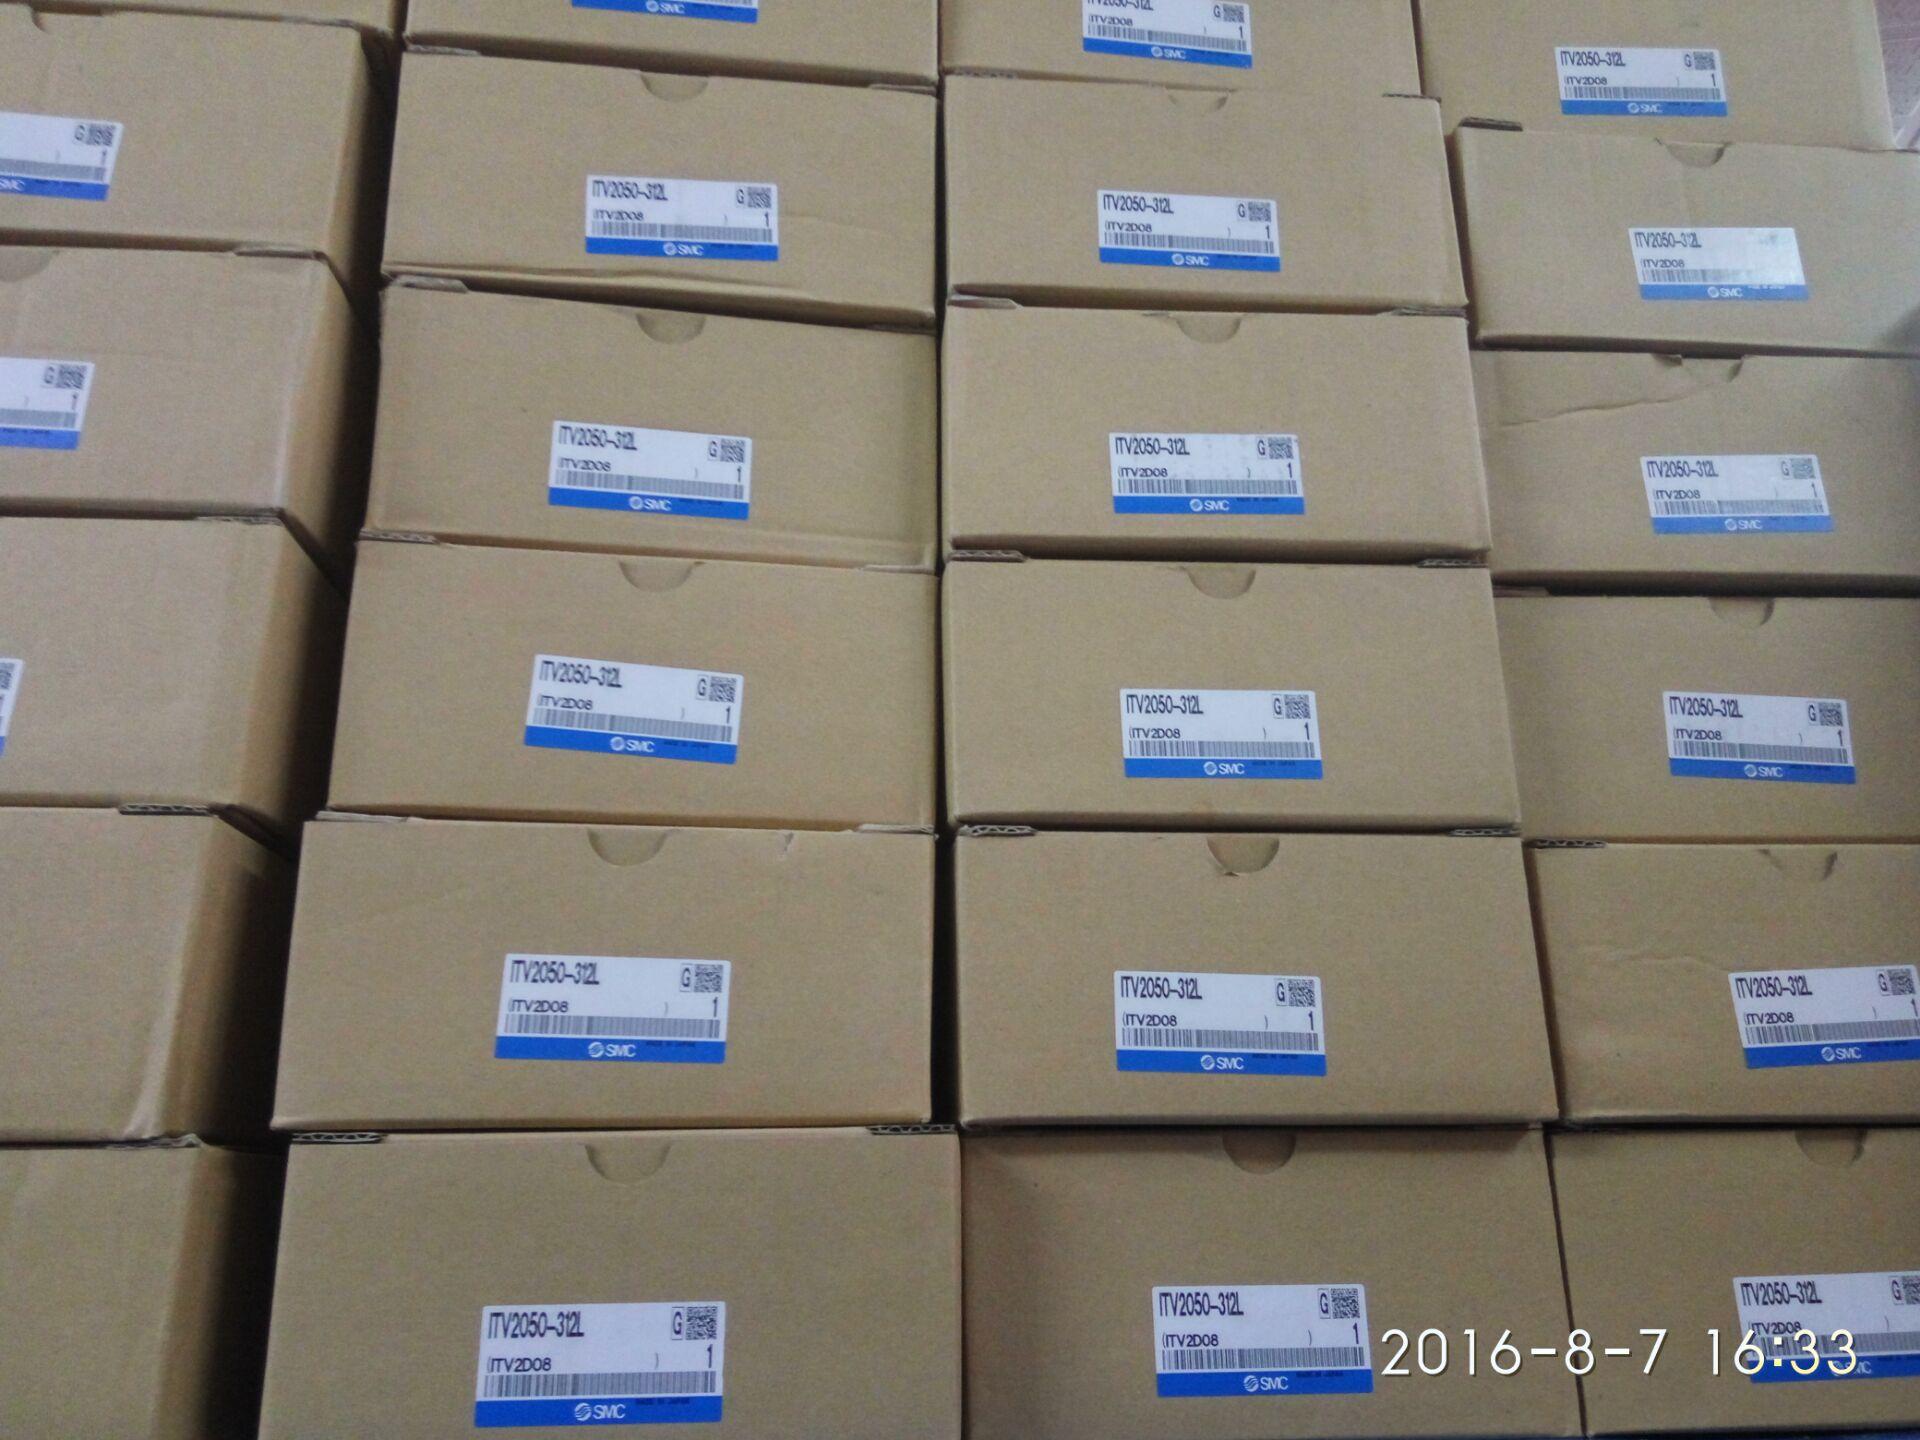 วาล์วไฟฟ้า ITV2050-312LITV2010-012BL2ITV2050-012L บตท.